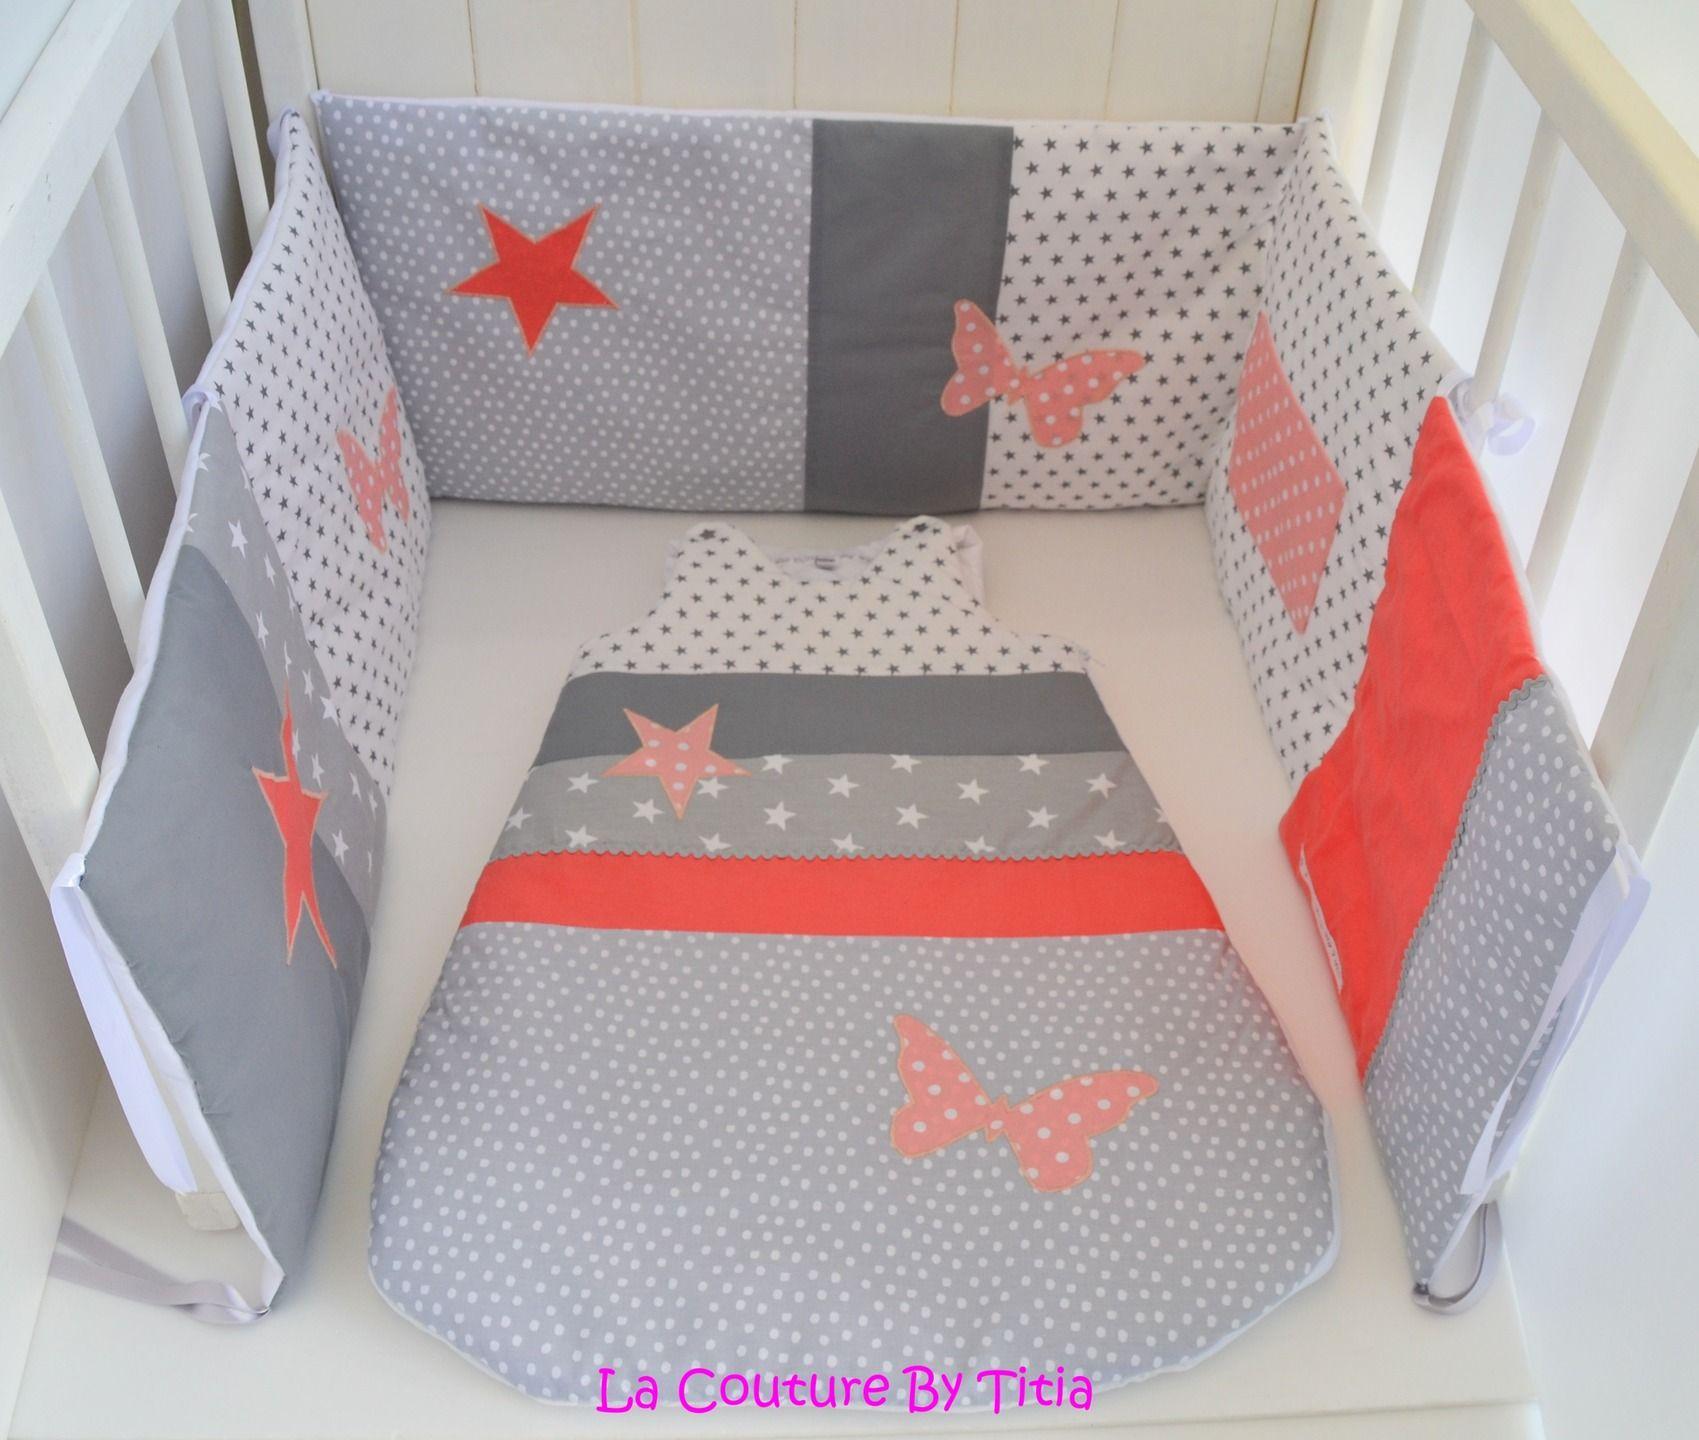 tour de lit et gigoteuse fait main papillon gris et corail lacouturebytitia d co chambre b b. Black Bedroom Furniture Sets. Home Design Ideas